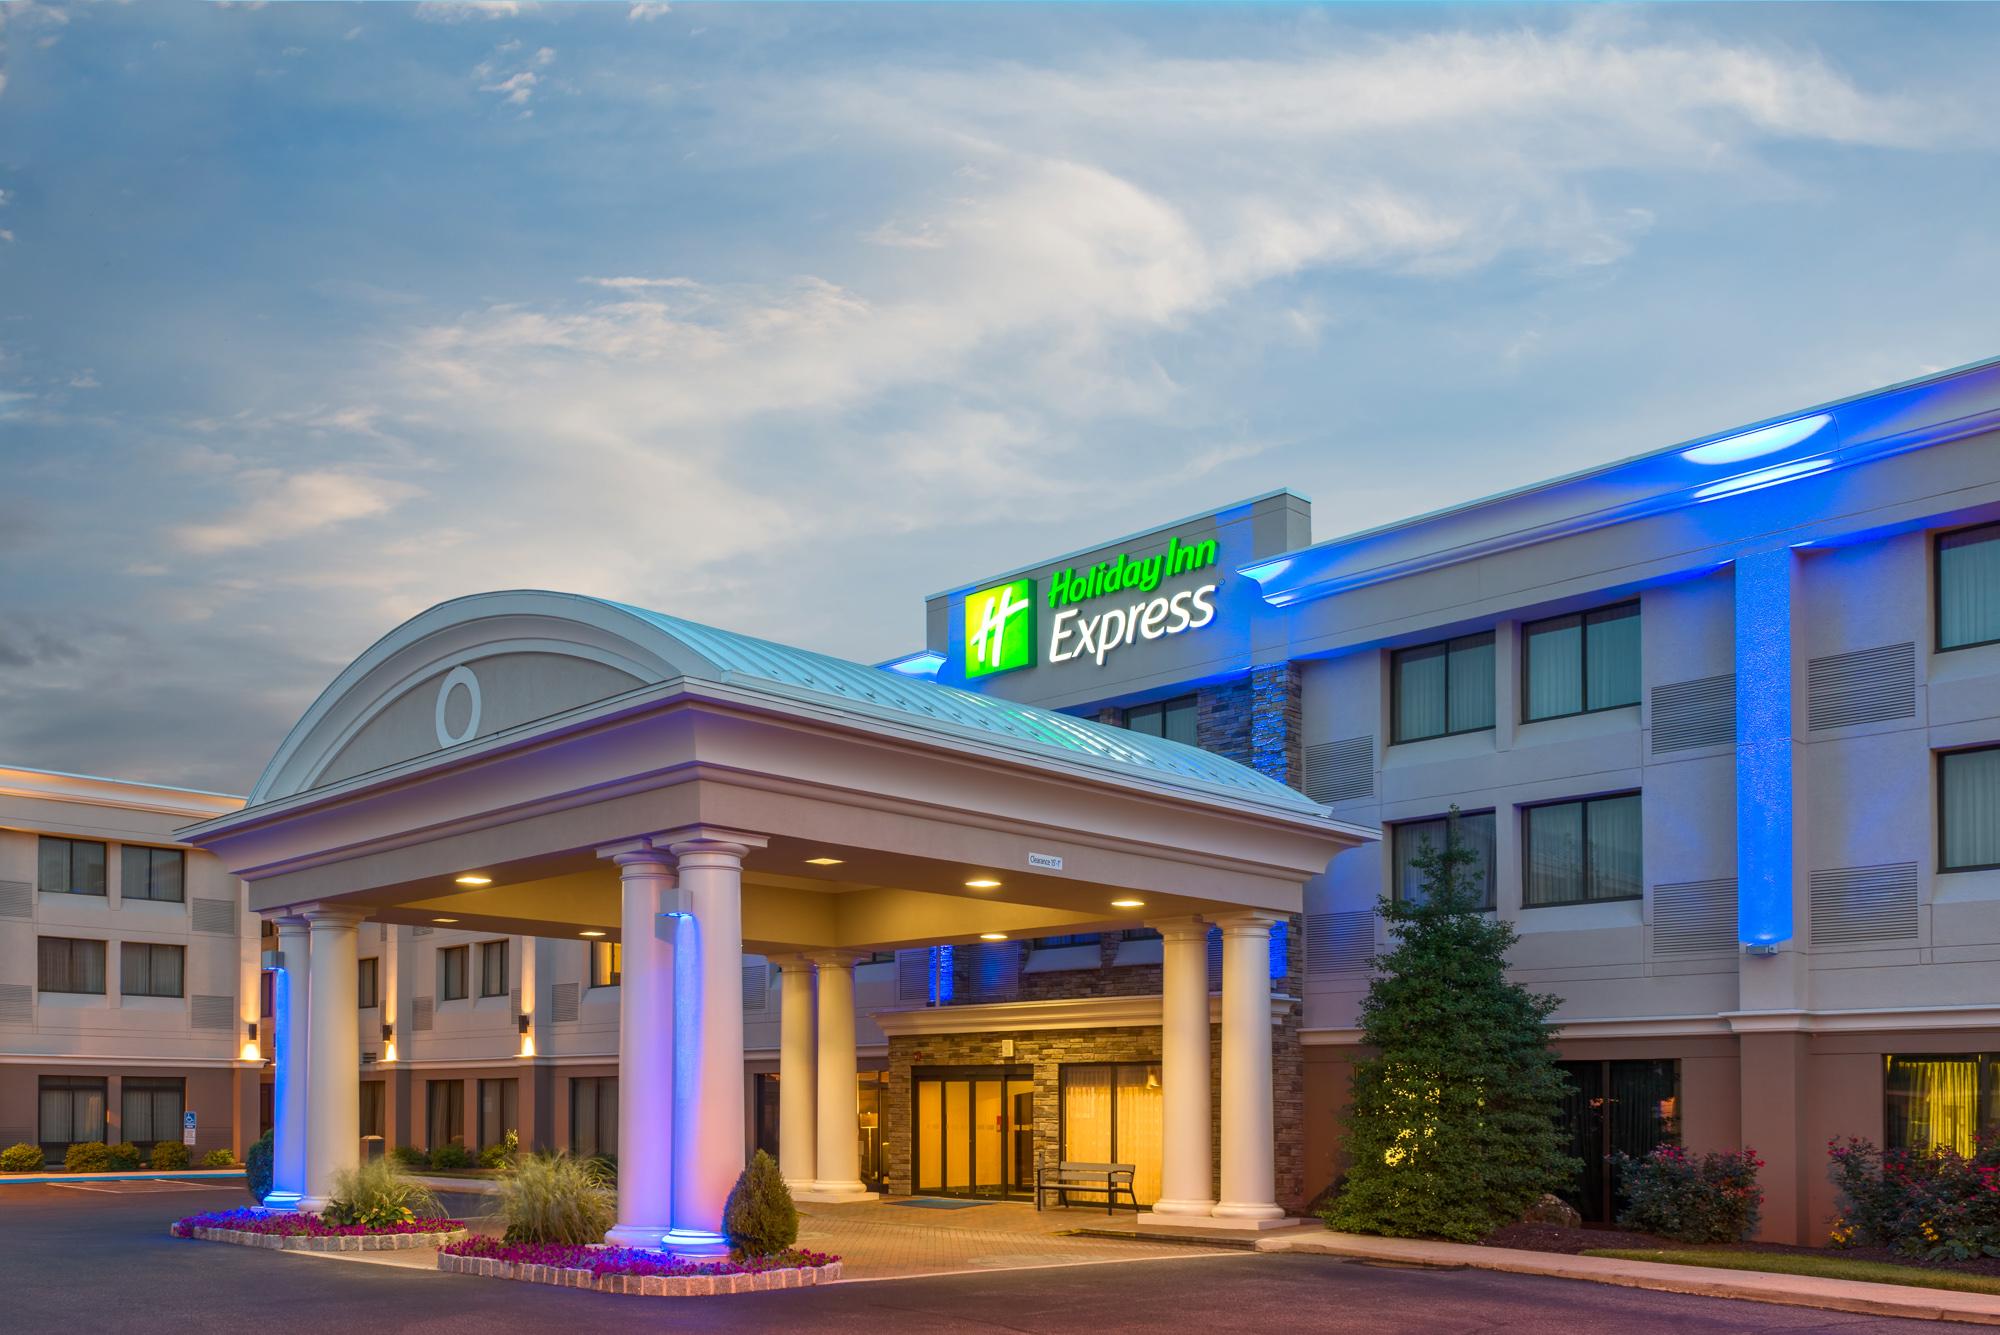 Holiday Inn Express Philadelphia NE - Bensalem, Bensalem PA